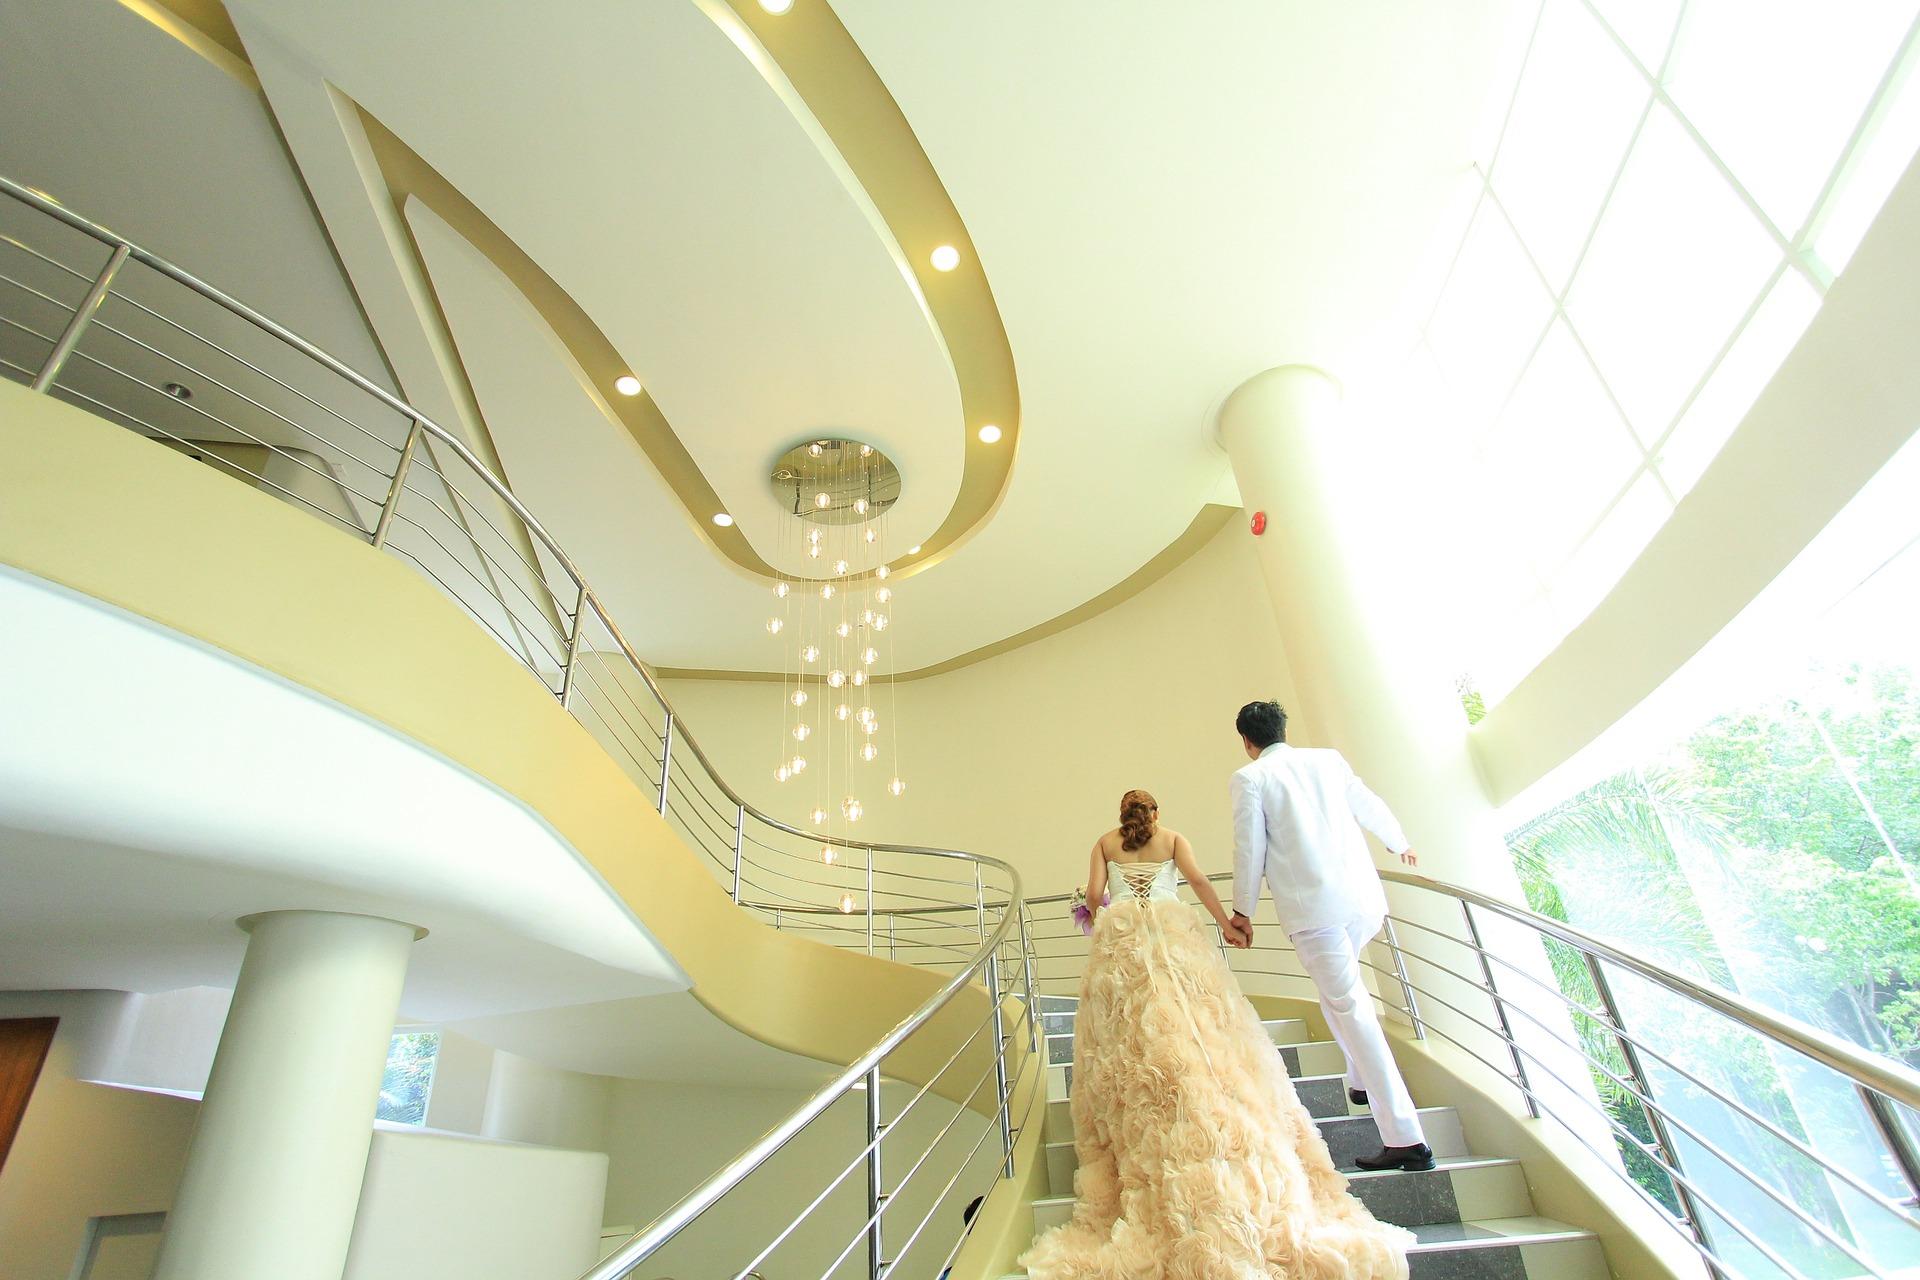 Viešbučiai, tinkantys nakvoti vestuvių svečiams